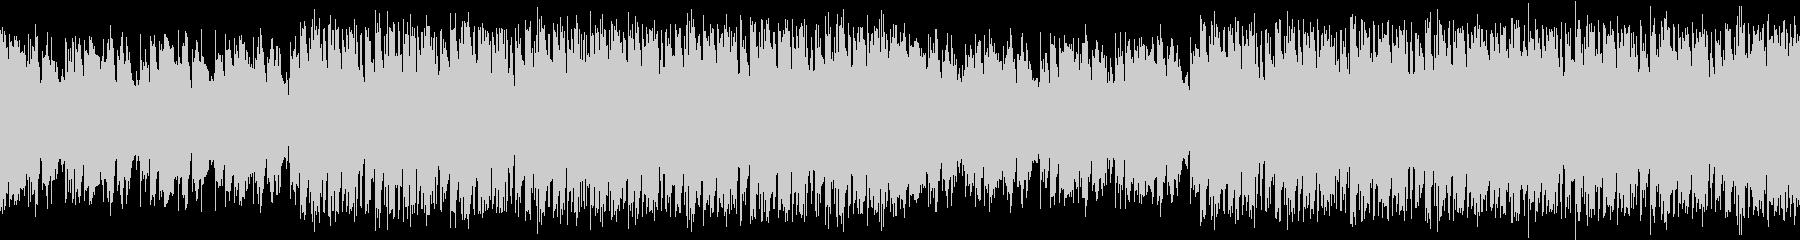 3度おいしいノスタルジックなループBGMの未再生の波形